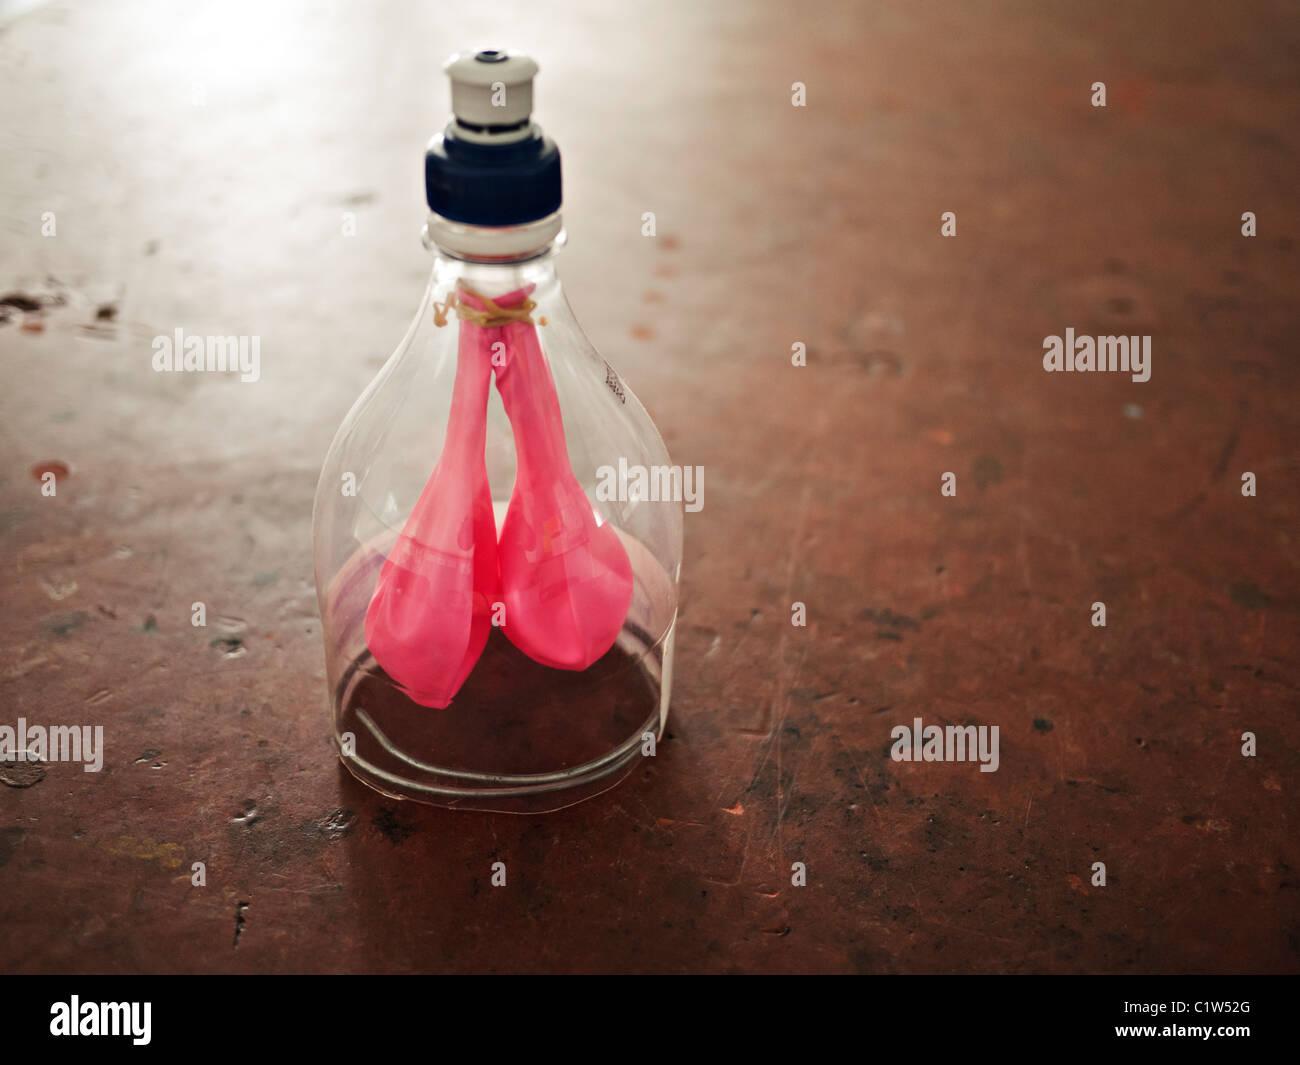 Modelo pulmones botella bebidas hechas de plástico y globos. Imagen De Stock